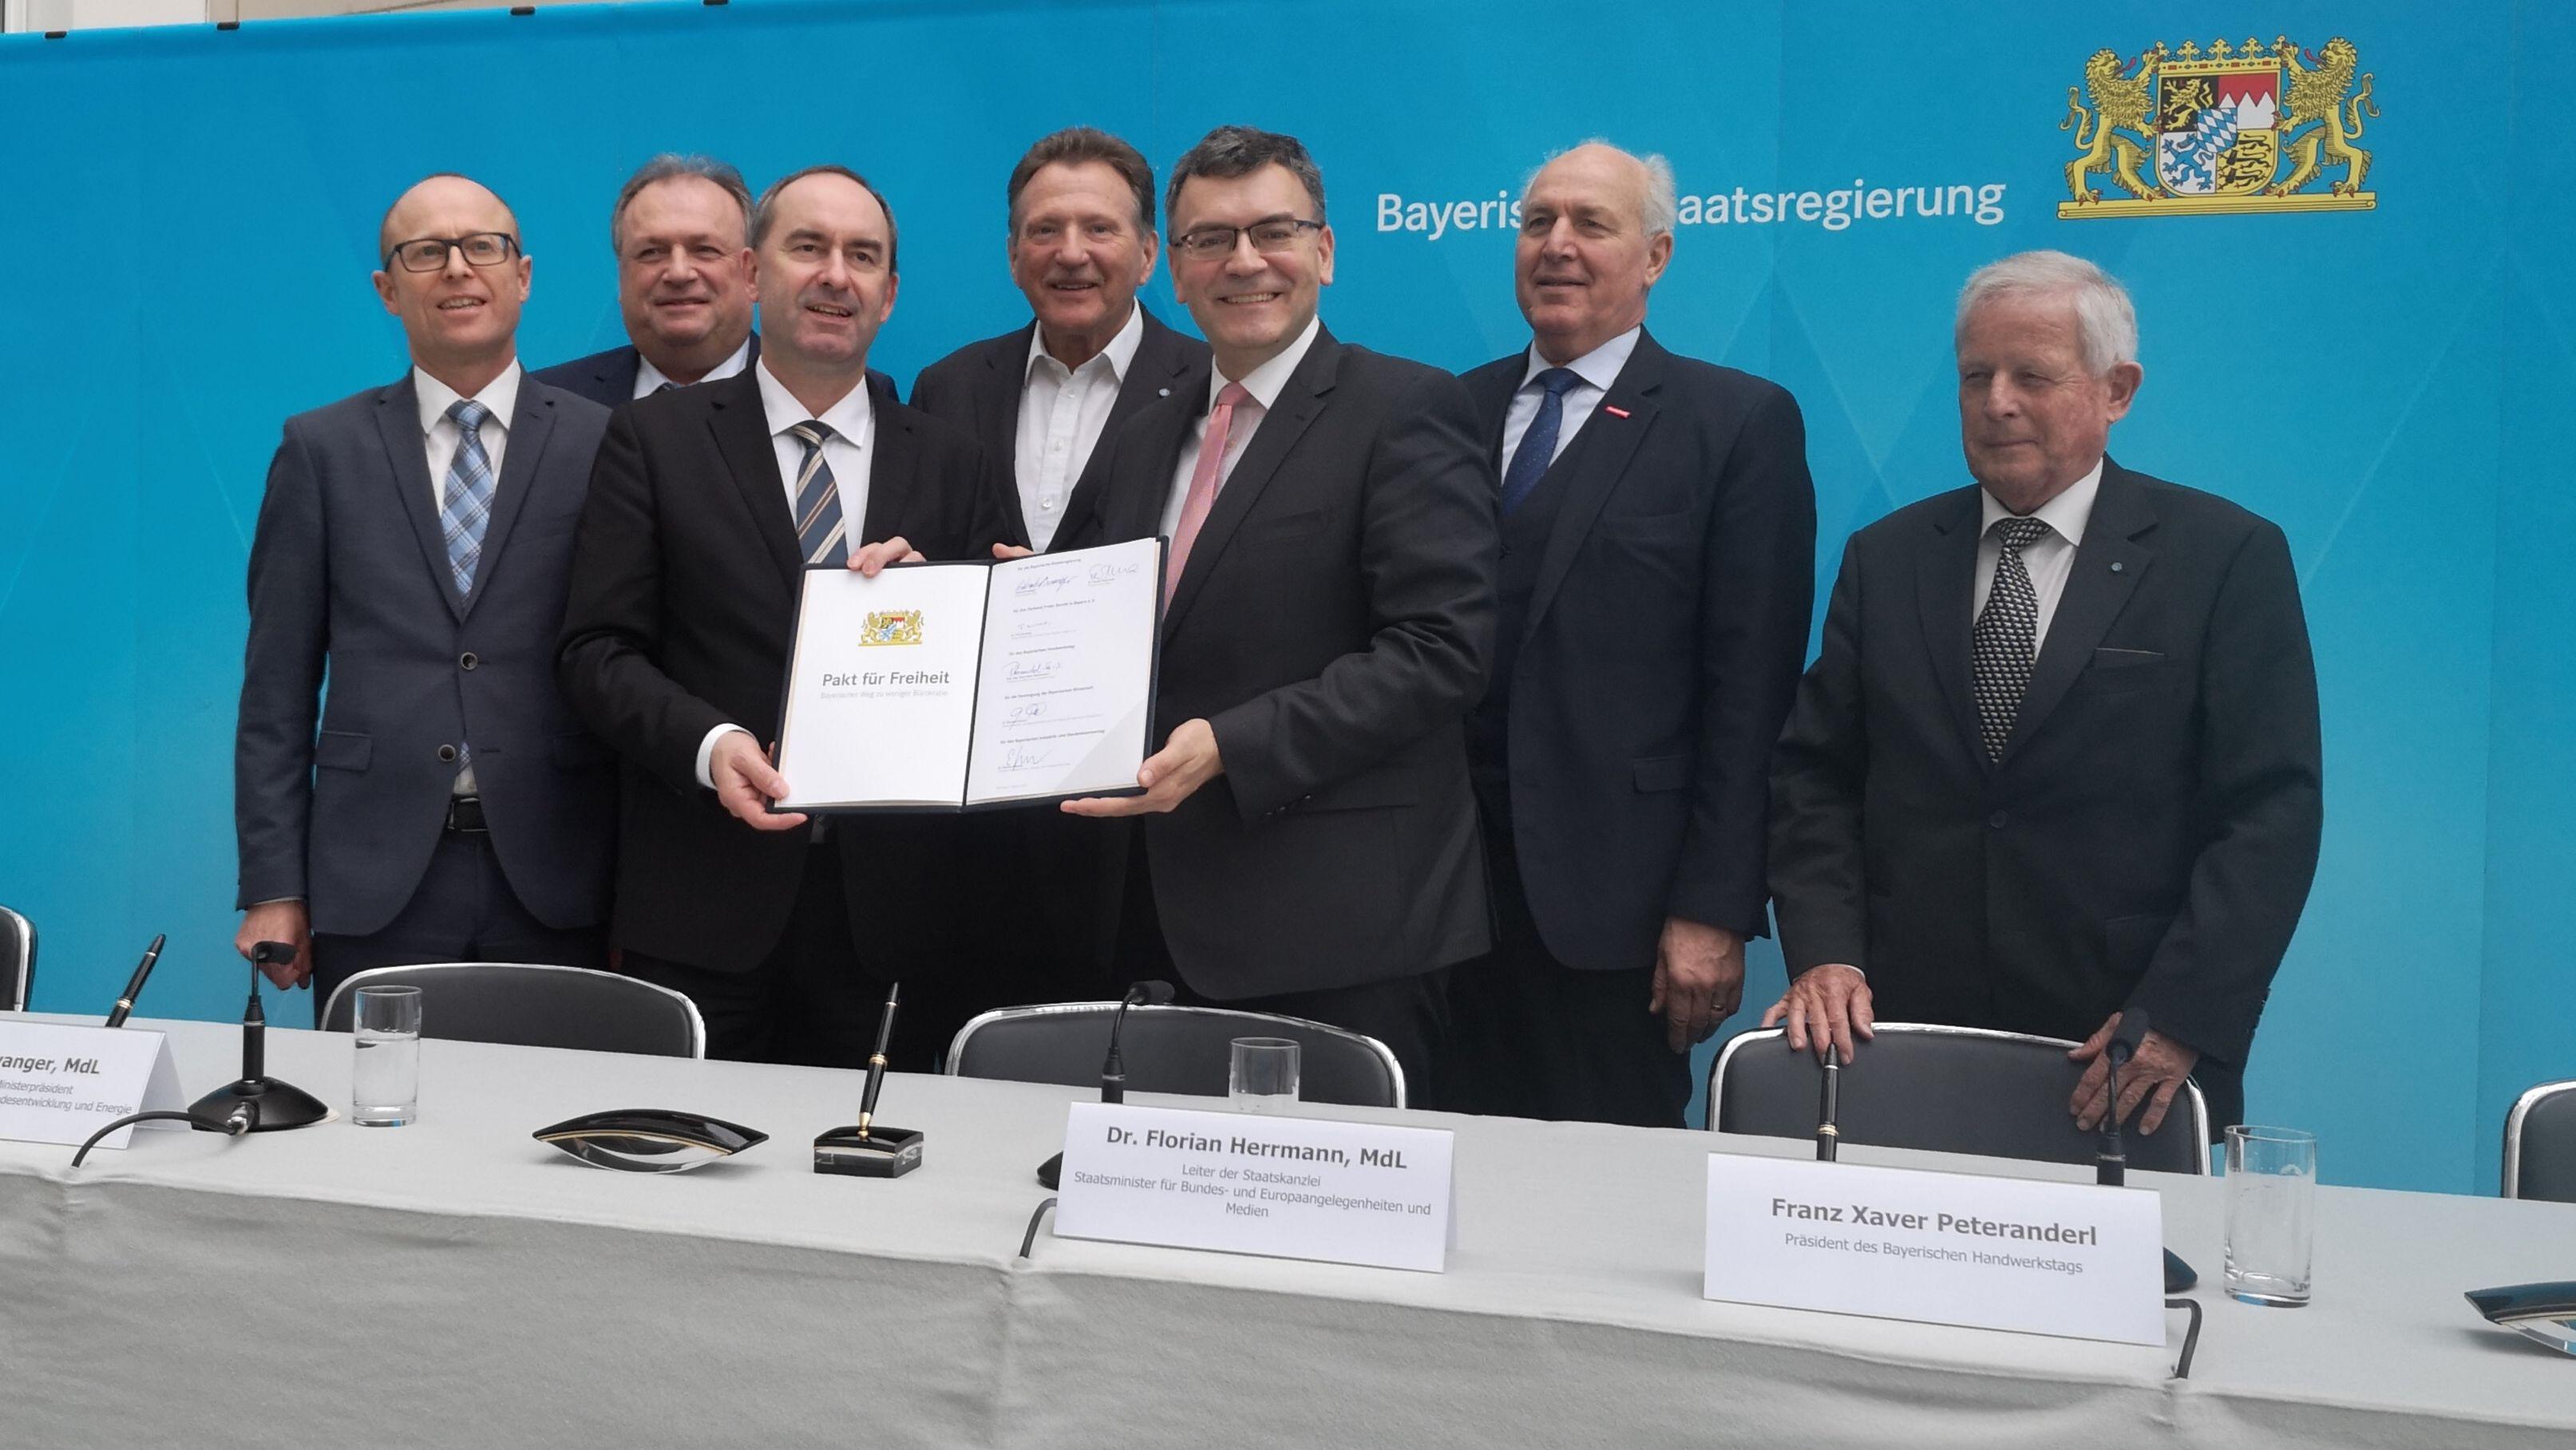 Pakt für Freiheit: Minister Aiwanger und Vertreter der bayerischen Wirtschaft bei der Unterzeichnung am Dienstag